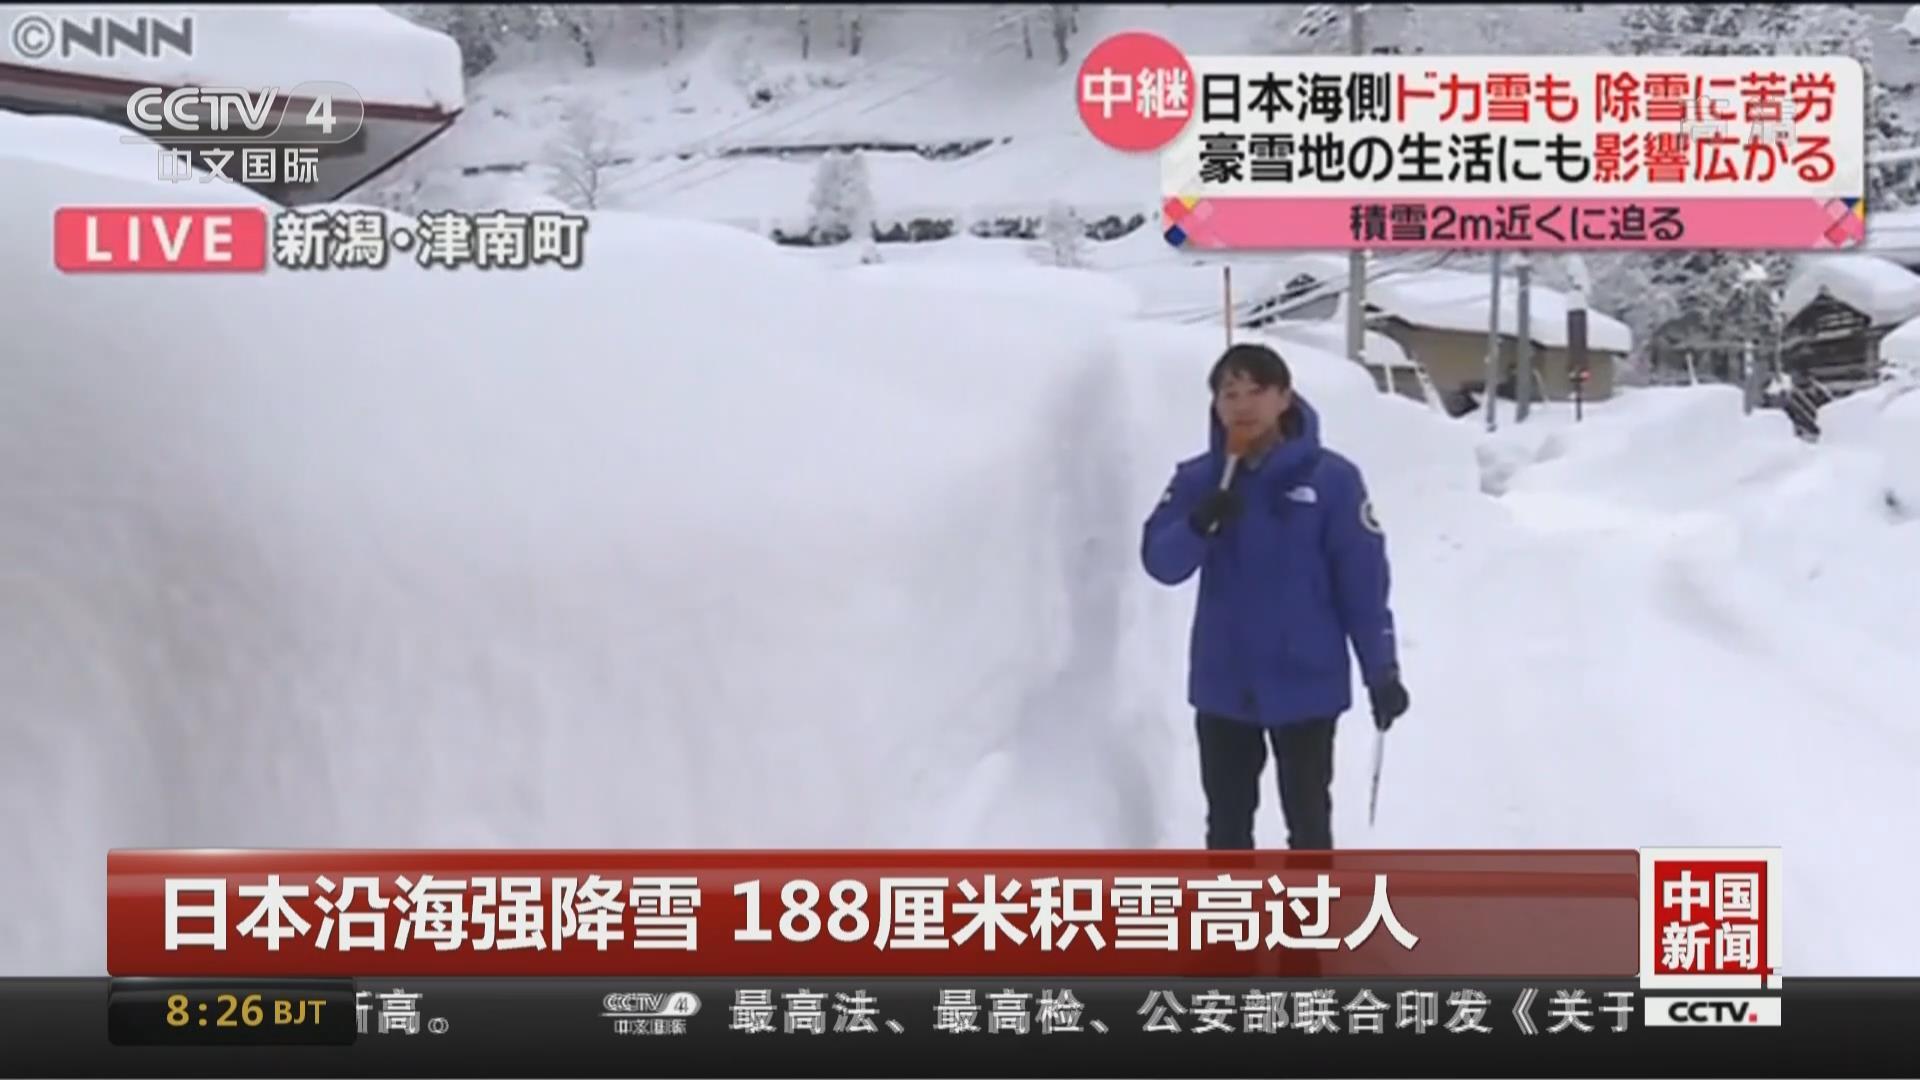 日本沿海強降雪 188厘米積雪高過人